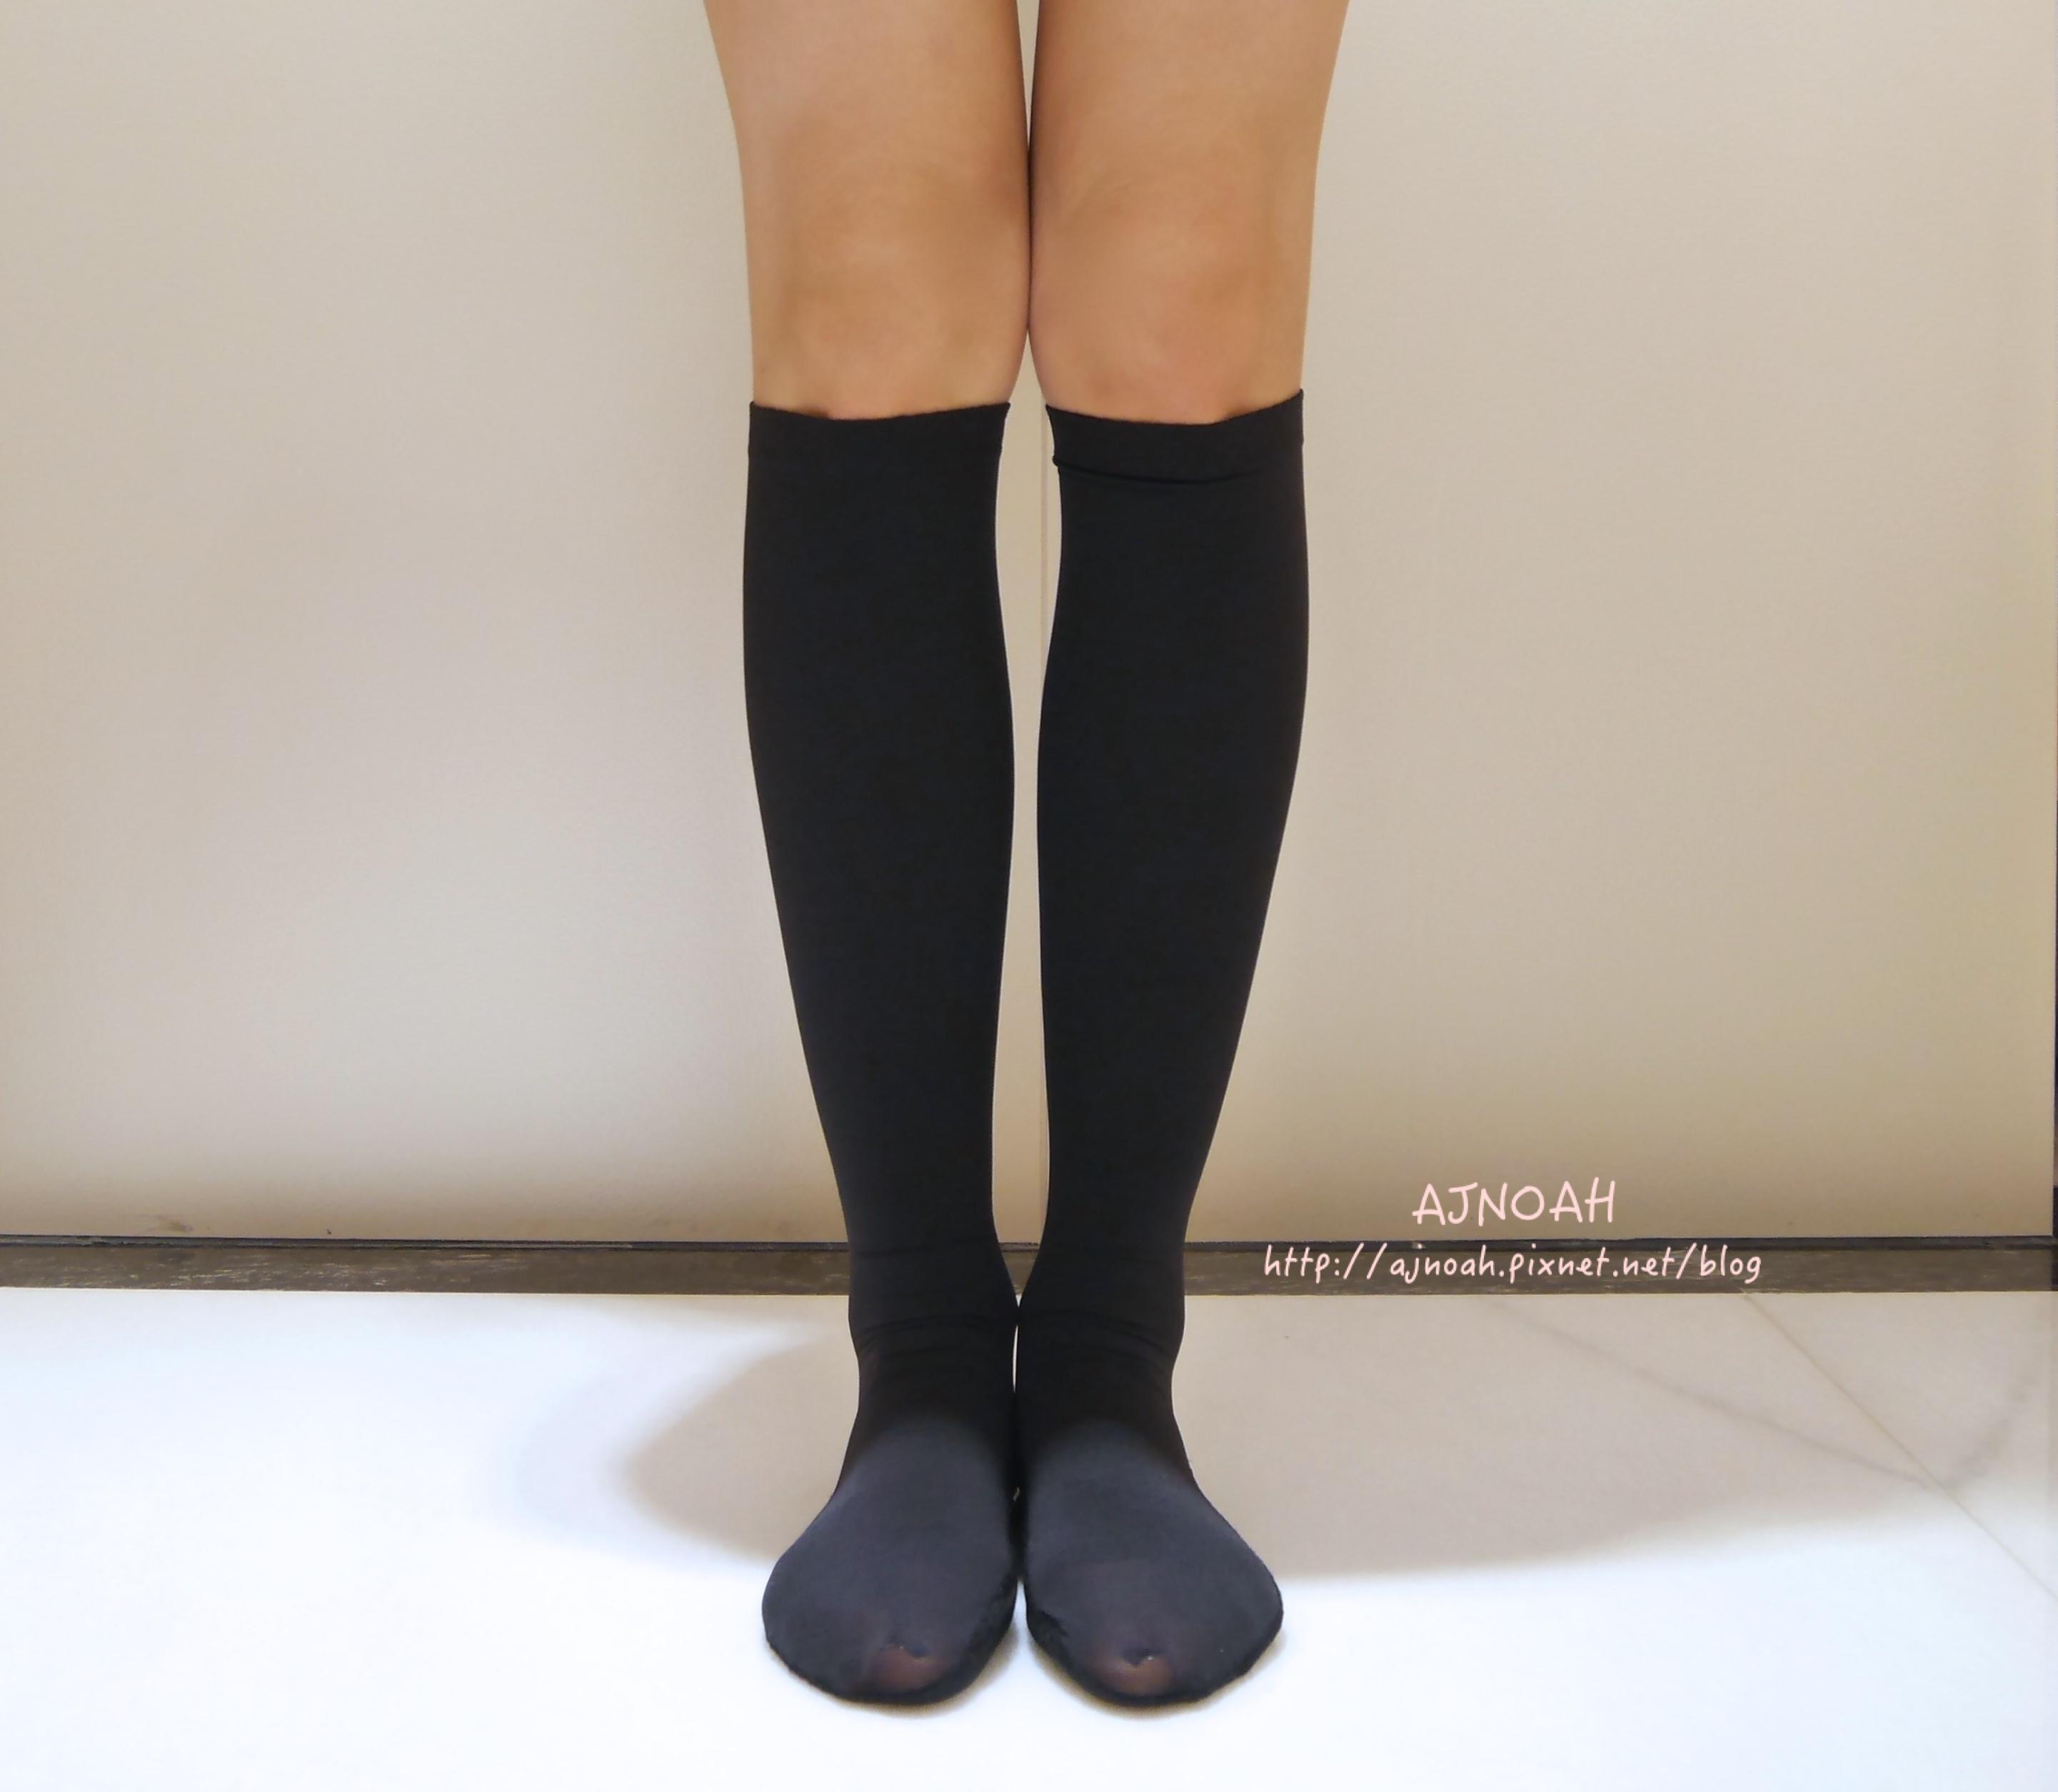 美腿襪的13種穿法|有沒有效穿了才知道